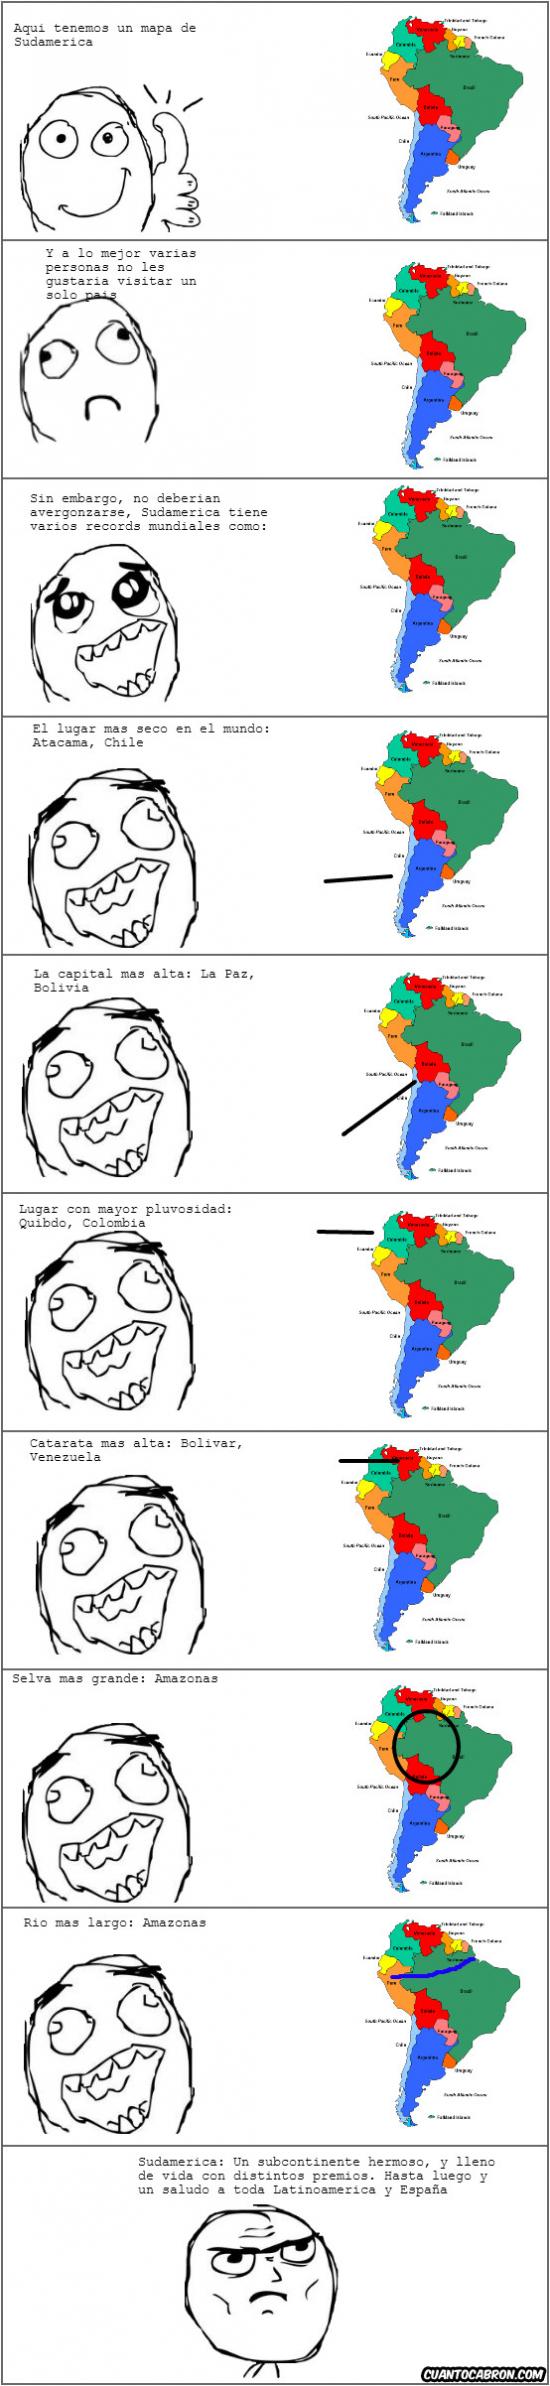 Otros - Distintos récords del hermoso subcontinente: Sudamérica